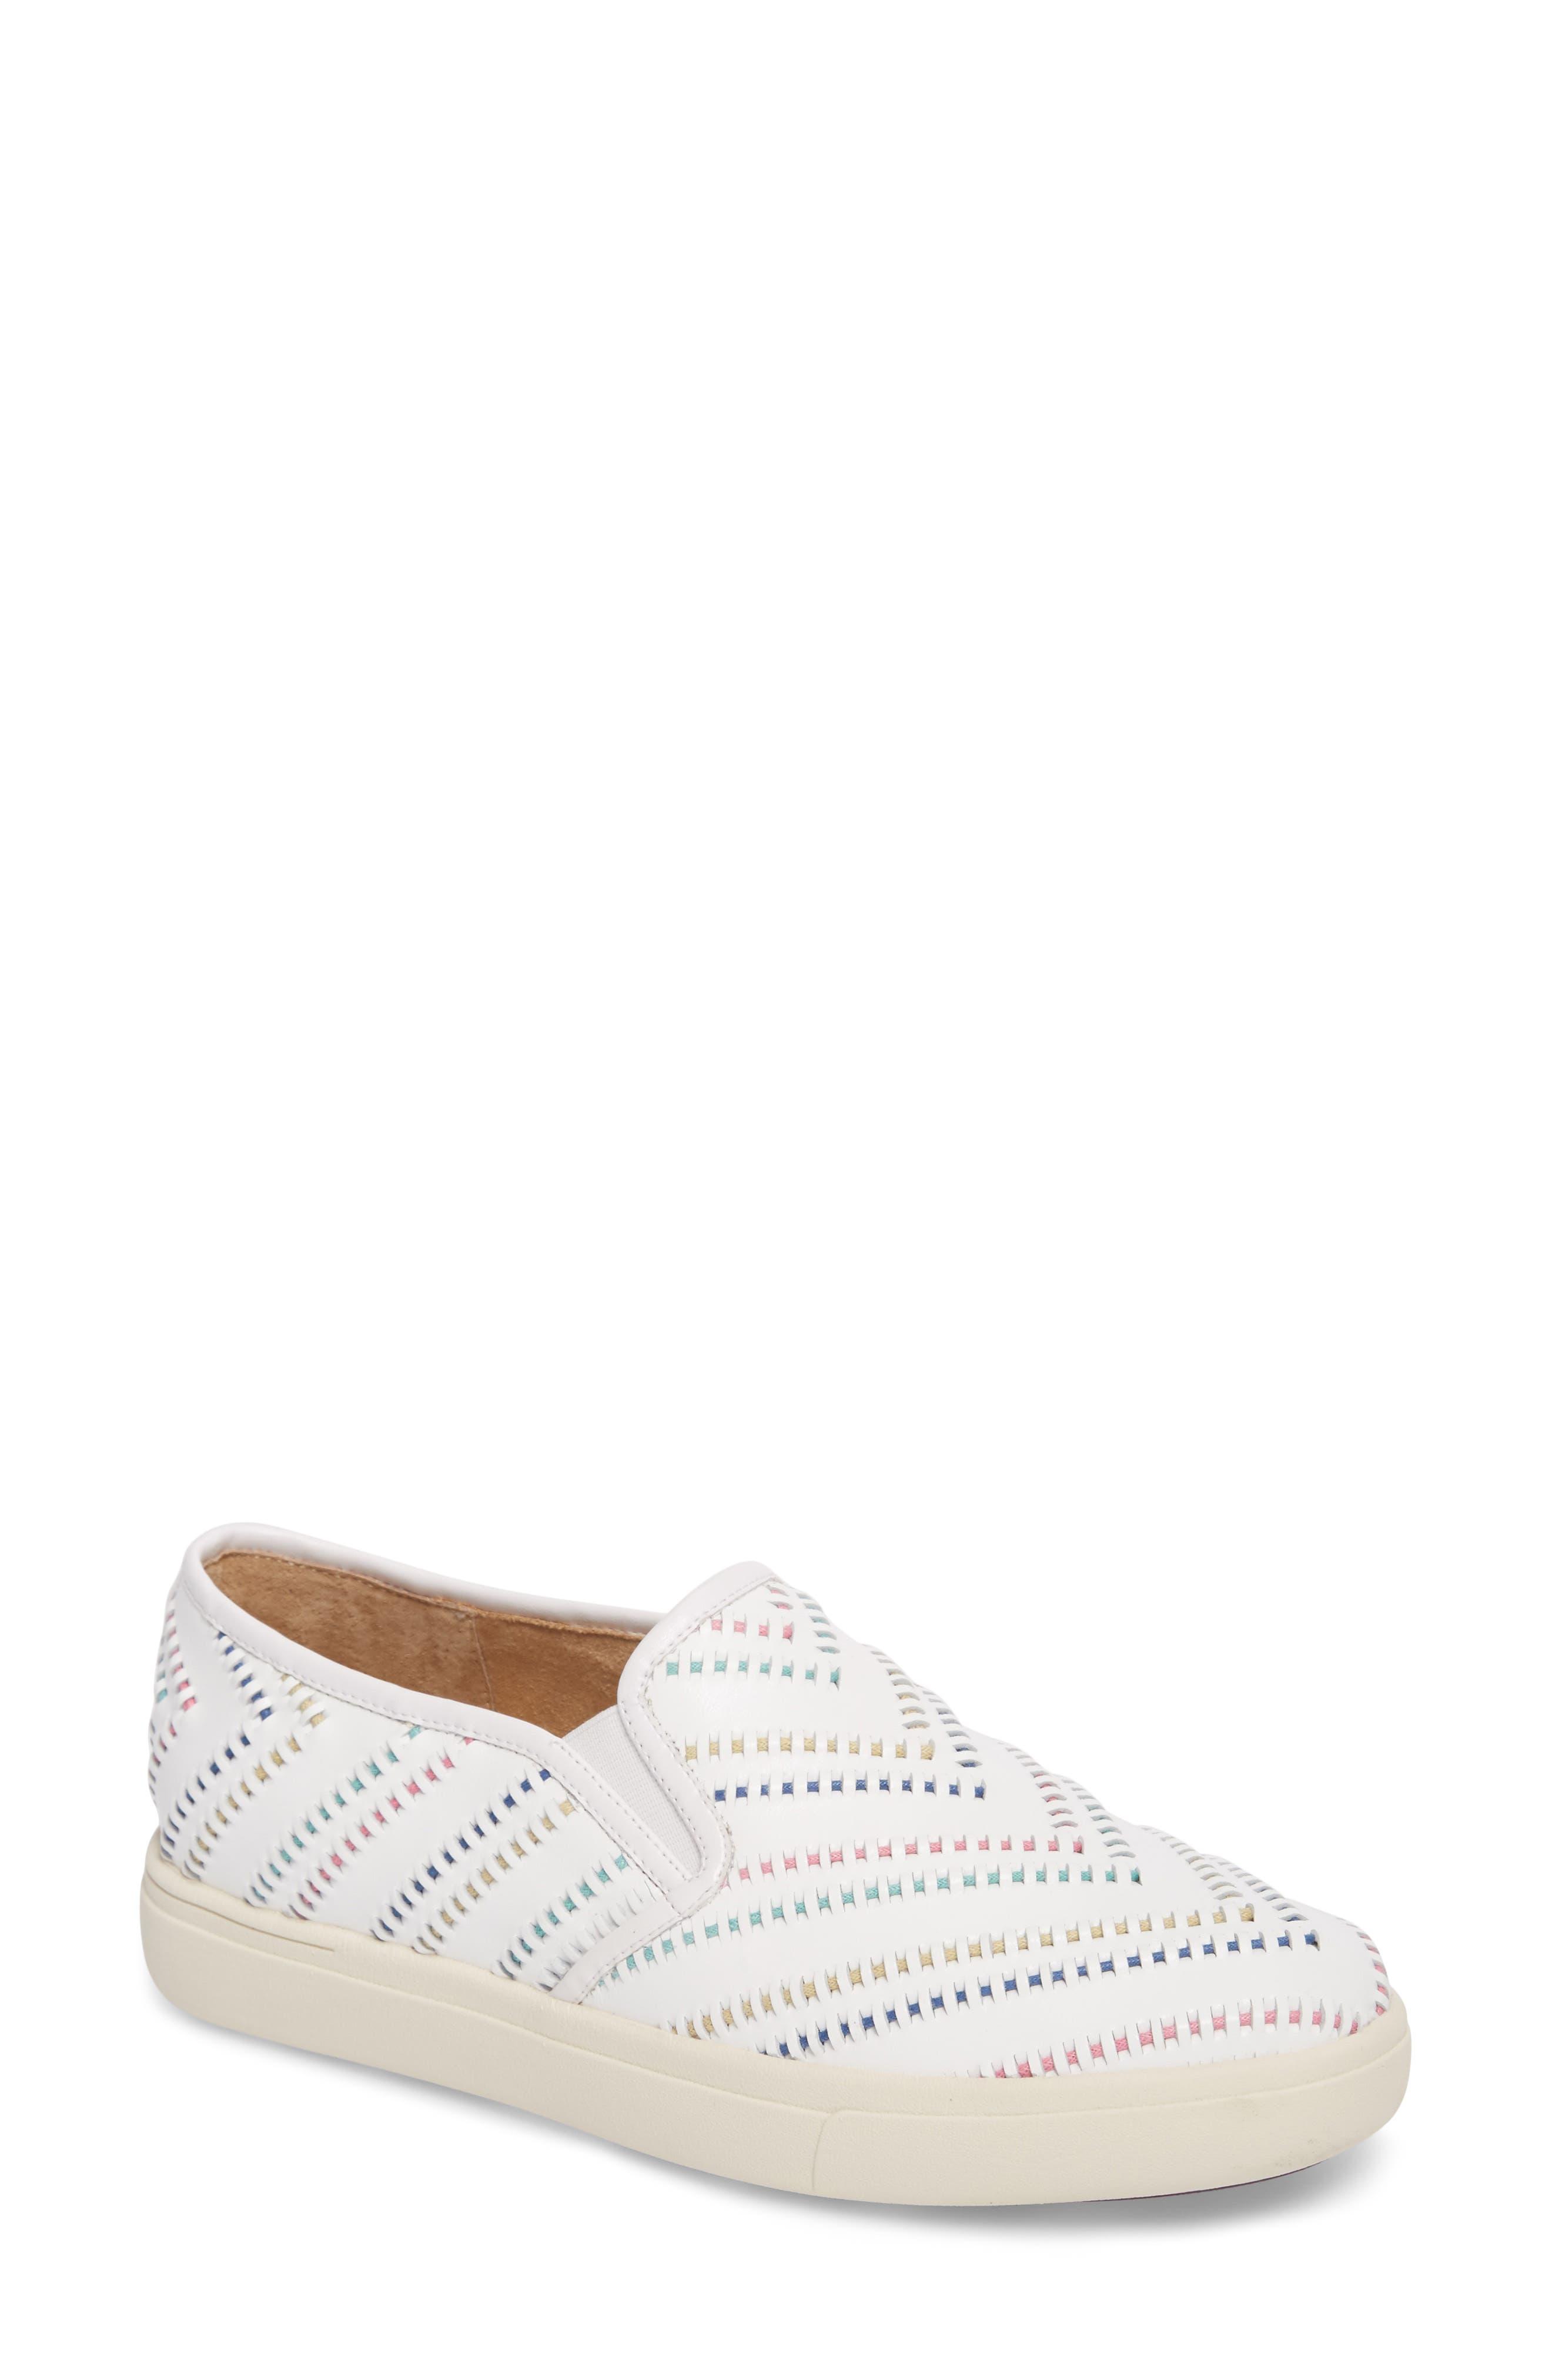 Ocean Slip-On Sneaker,                             Main thumbnail 1, color,                             White Leather